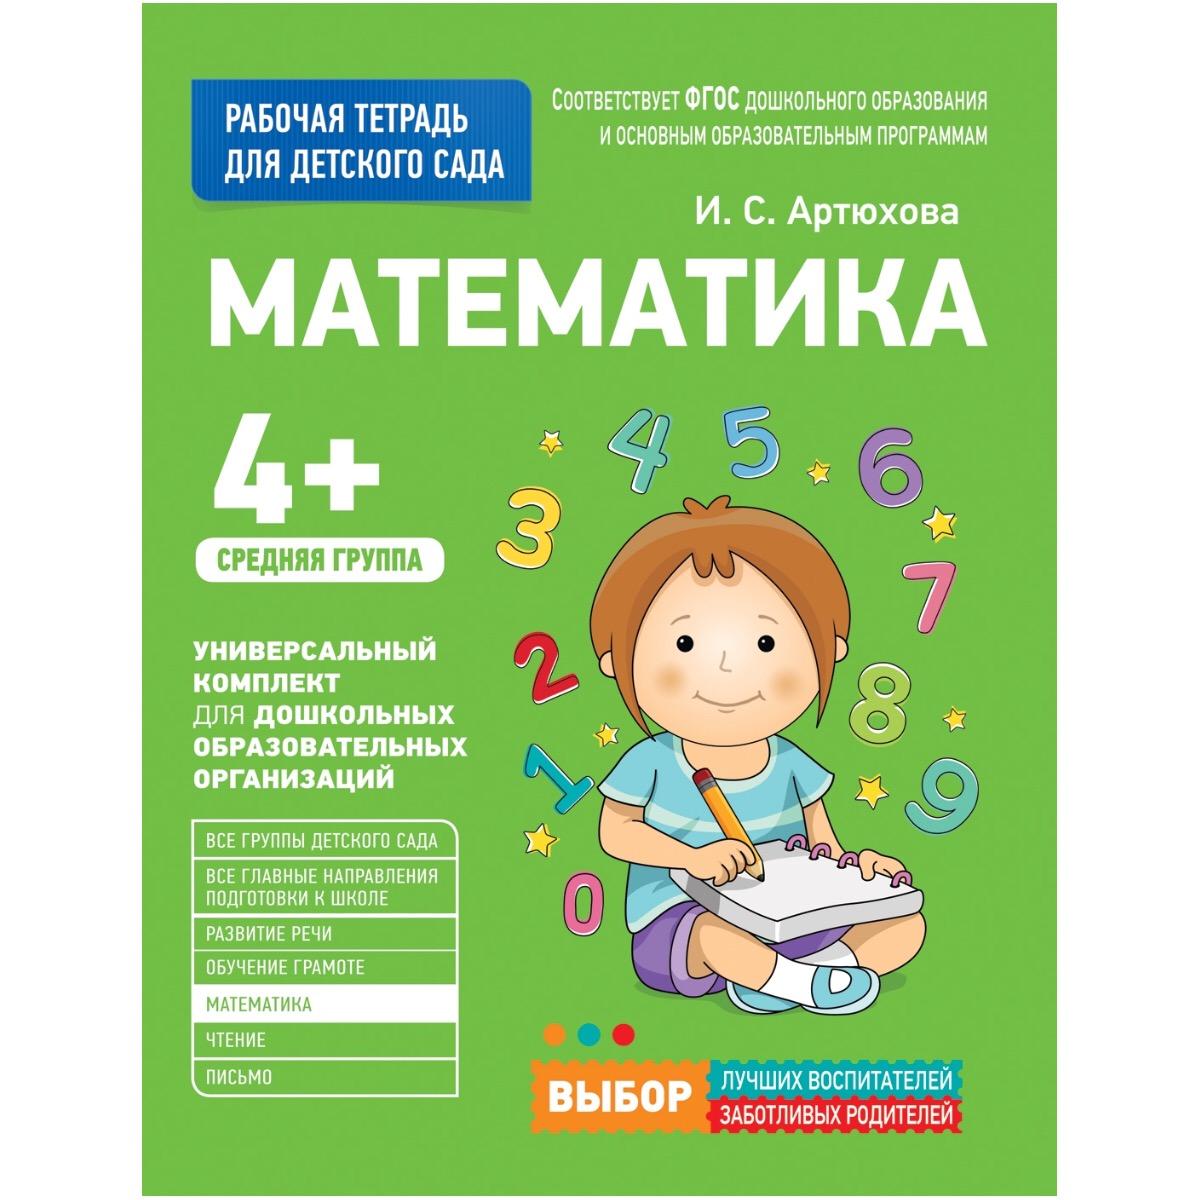 Рабочая тетрадь для детского сада. Математика. Средняя группаОбучающие книги и задания<br>Рабочая тетрадь для детского сада. Математика. Средняя группа<br>